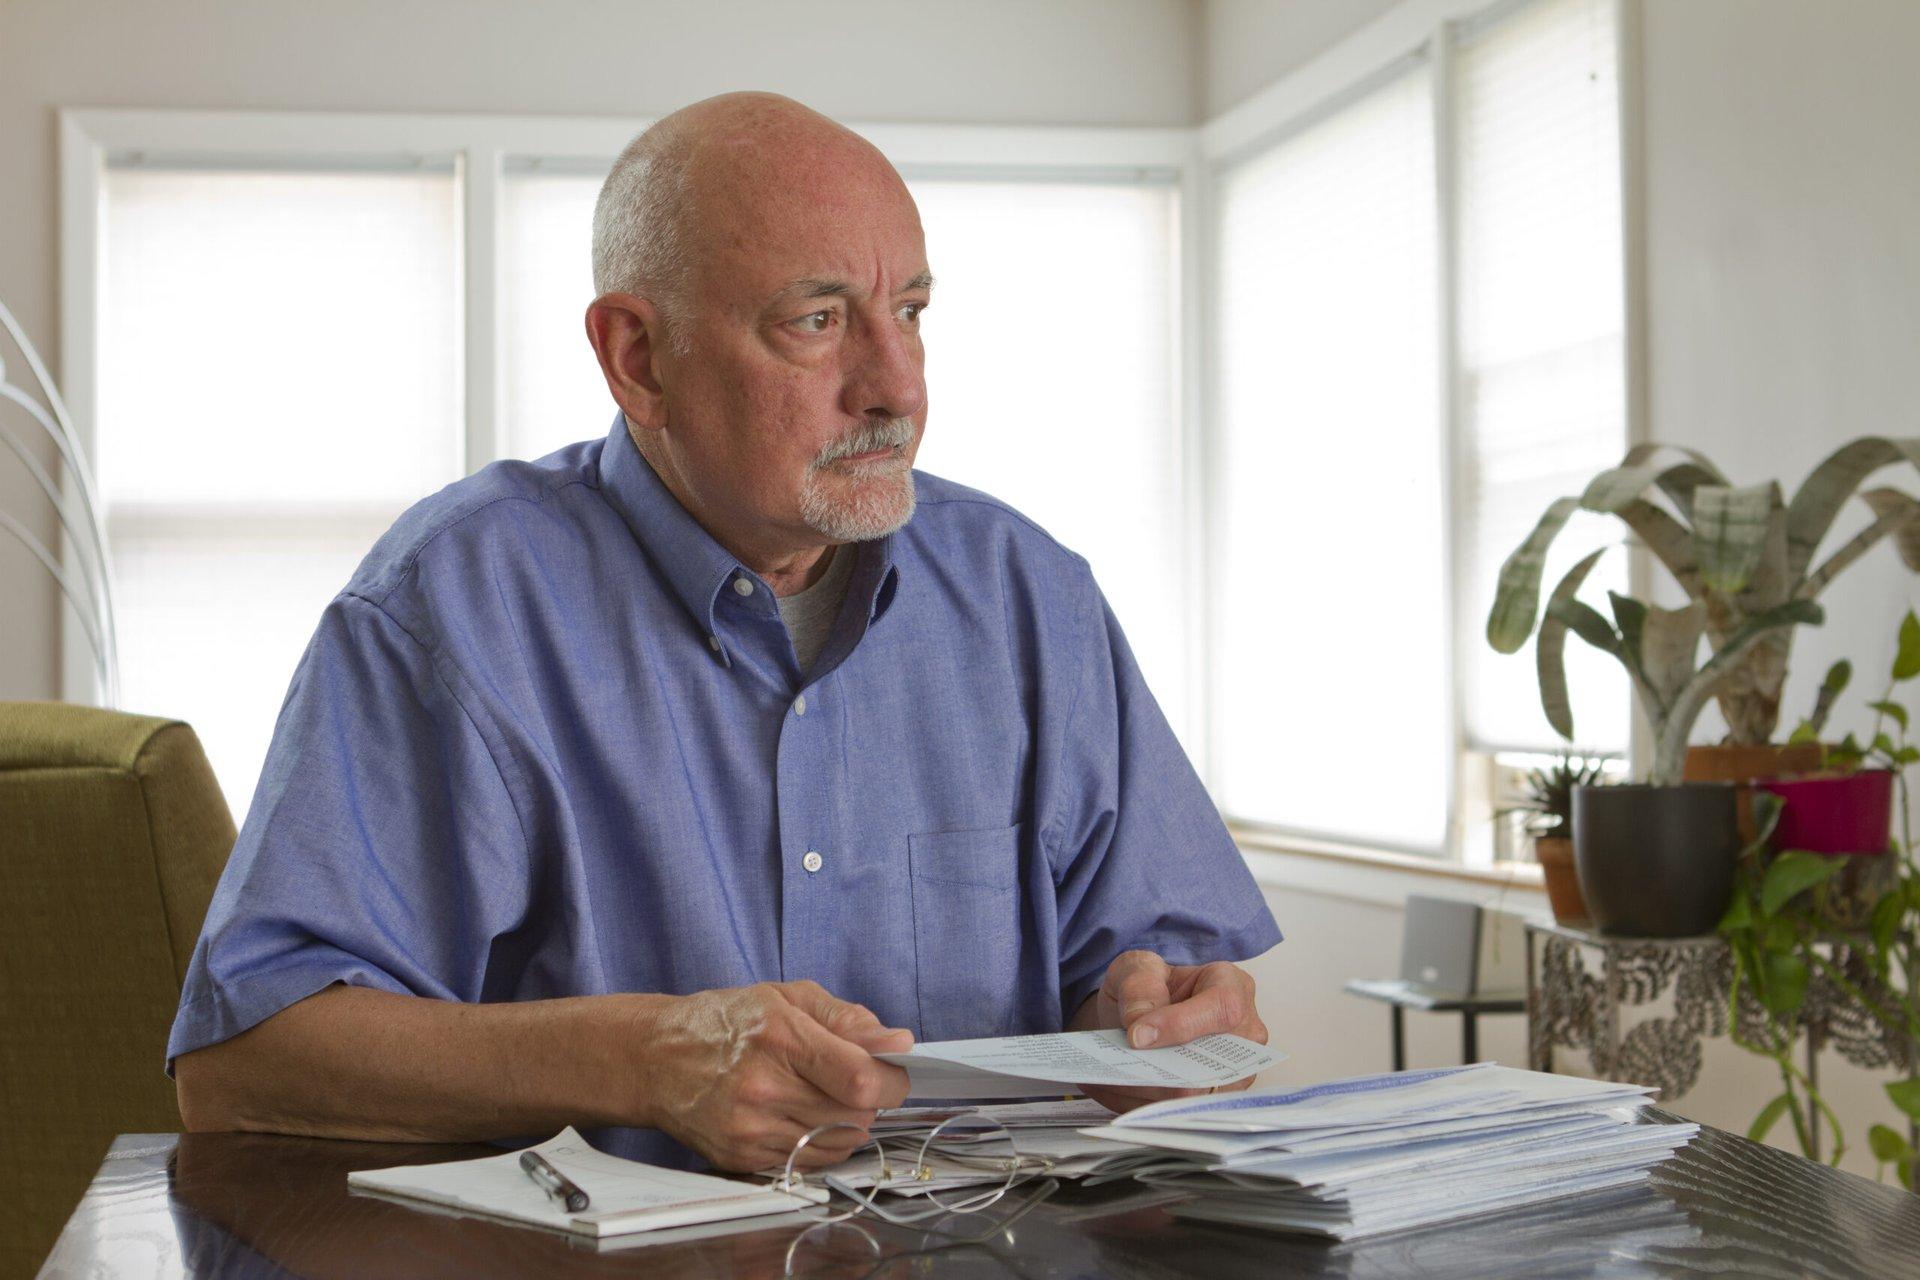 Worried senior paying bills